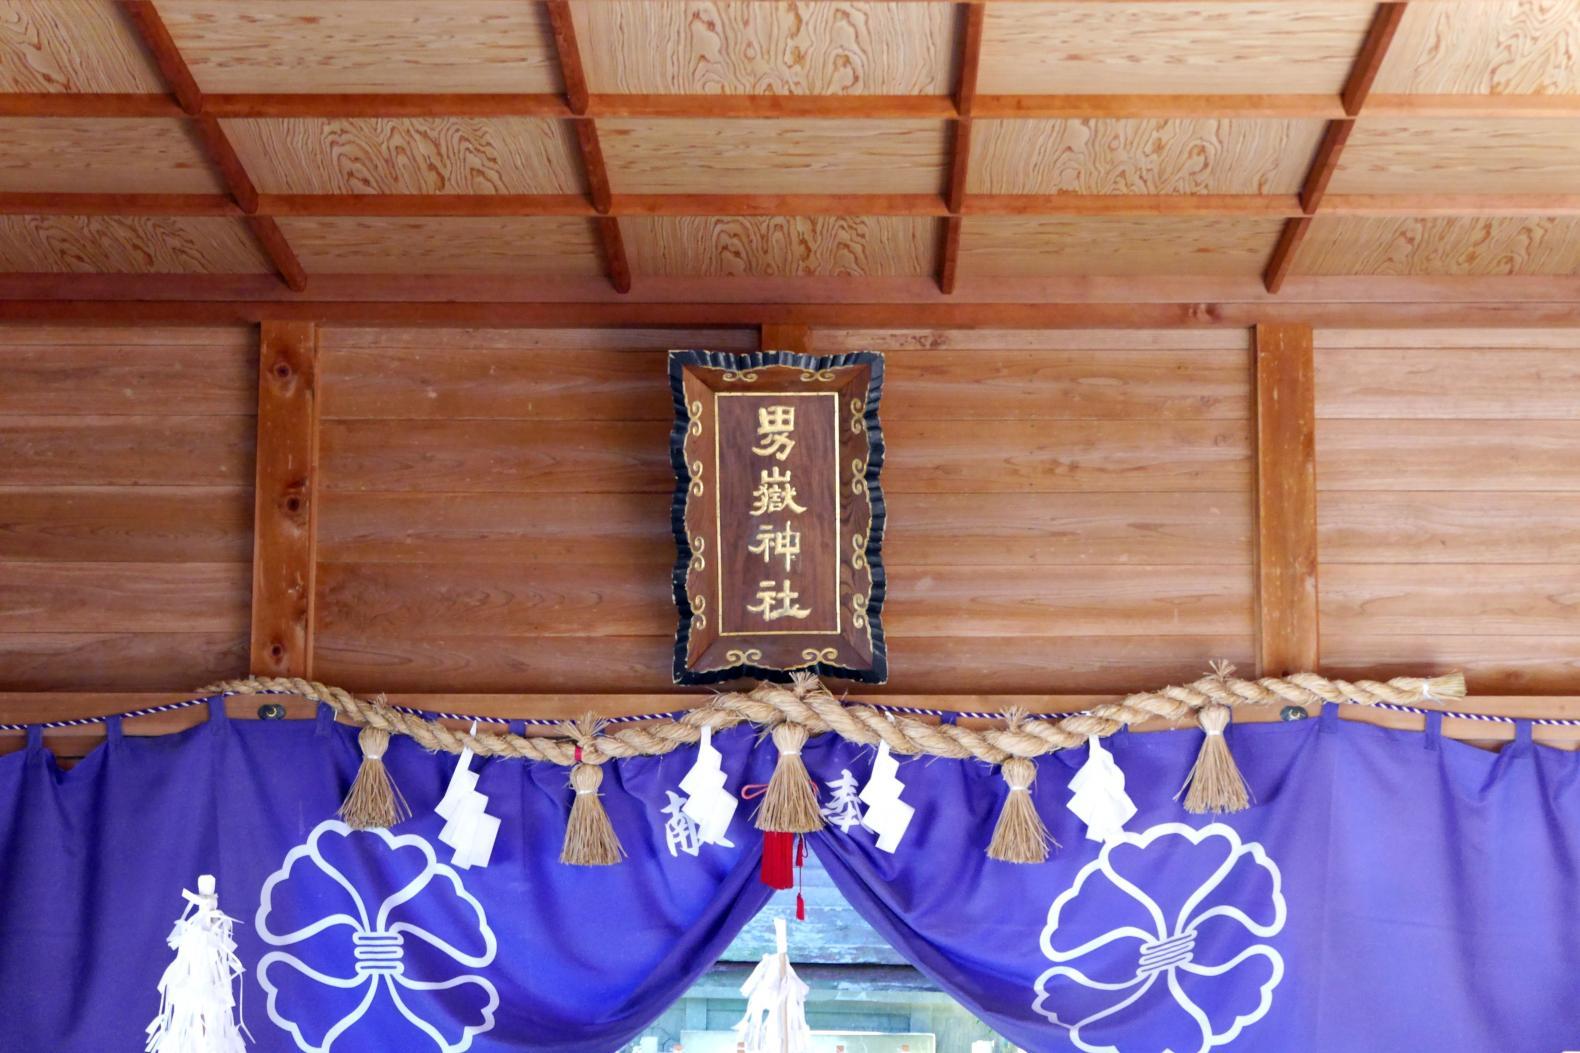 神聖な空気を味わえる男嶽神社-4